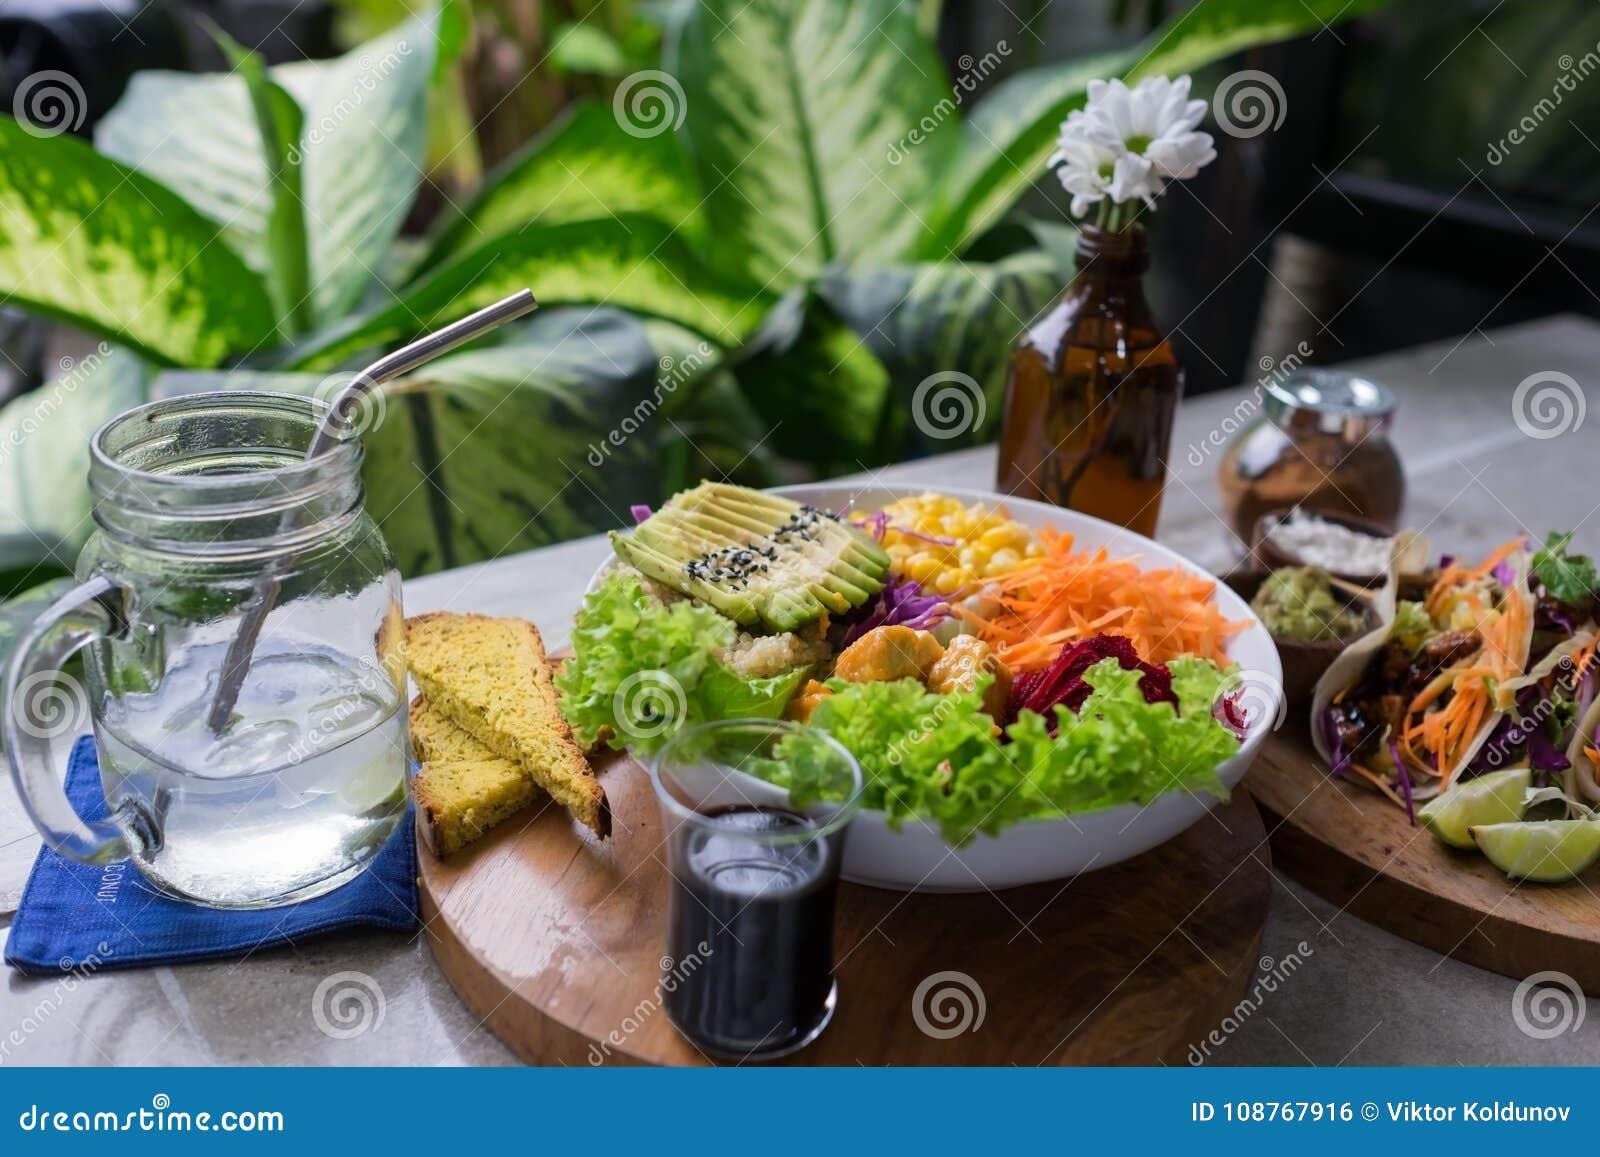 nourriture saine salade verte fraîche avec une carotte, l'avocat, et